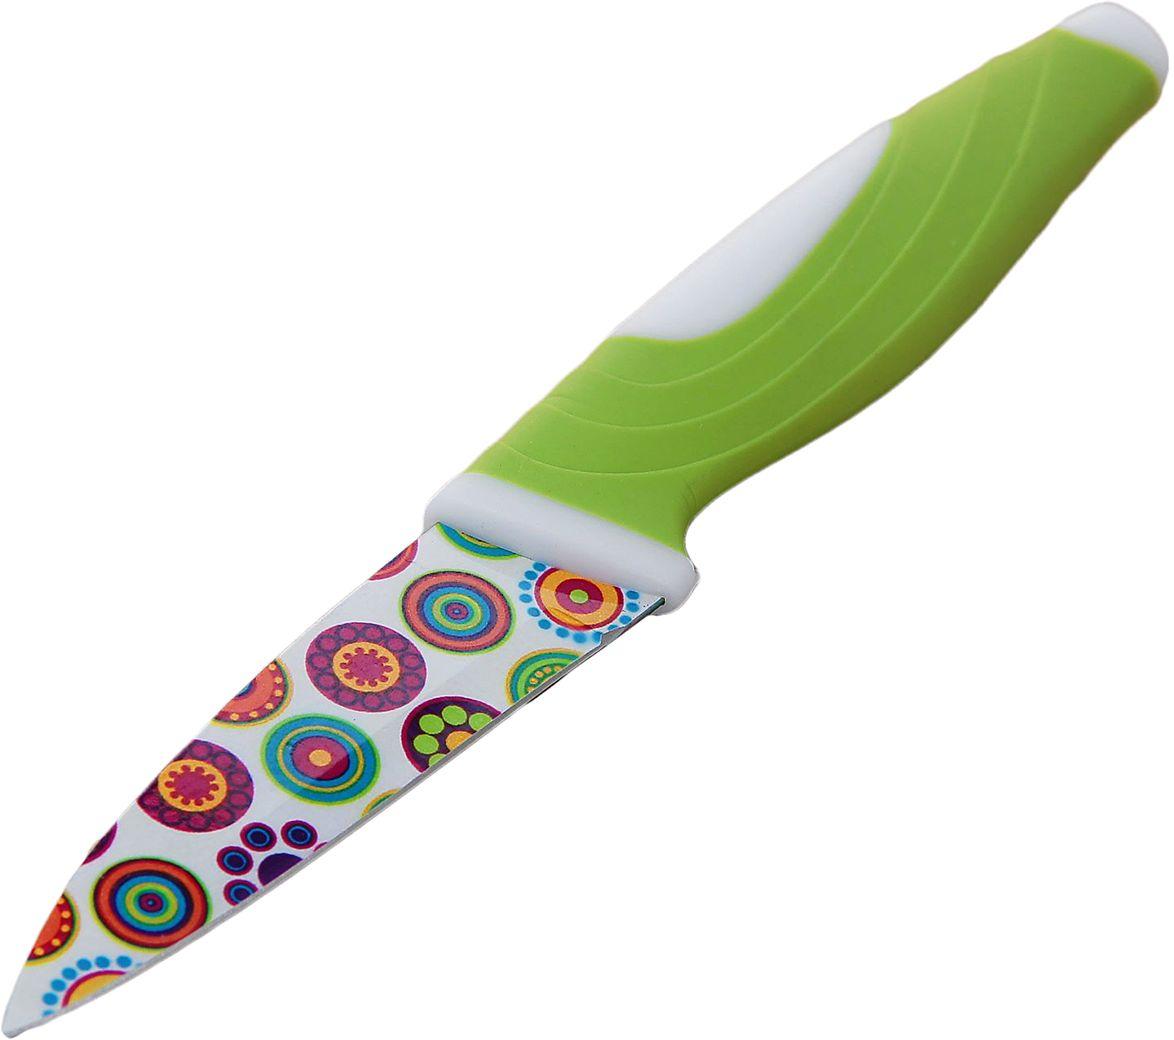 Нож Доляна Калейдоскоп, с антиналипающим покрытием, длина лезвия 8,5 см. 23541132354113От качества посуды зависит не только вкус еды, но и здоровье человека. Нож с антиналипающим покрытием - товар, соответствующий российским стандартам качества. Любой хозяйке будет приятно держать его в руках. С нашей посудой и кухонной утварью приготовление еды и сервировка стола превратятся в настоящий праздник.